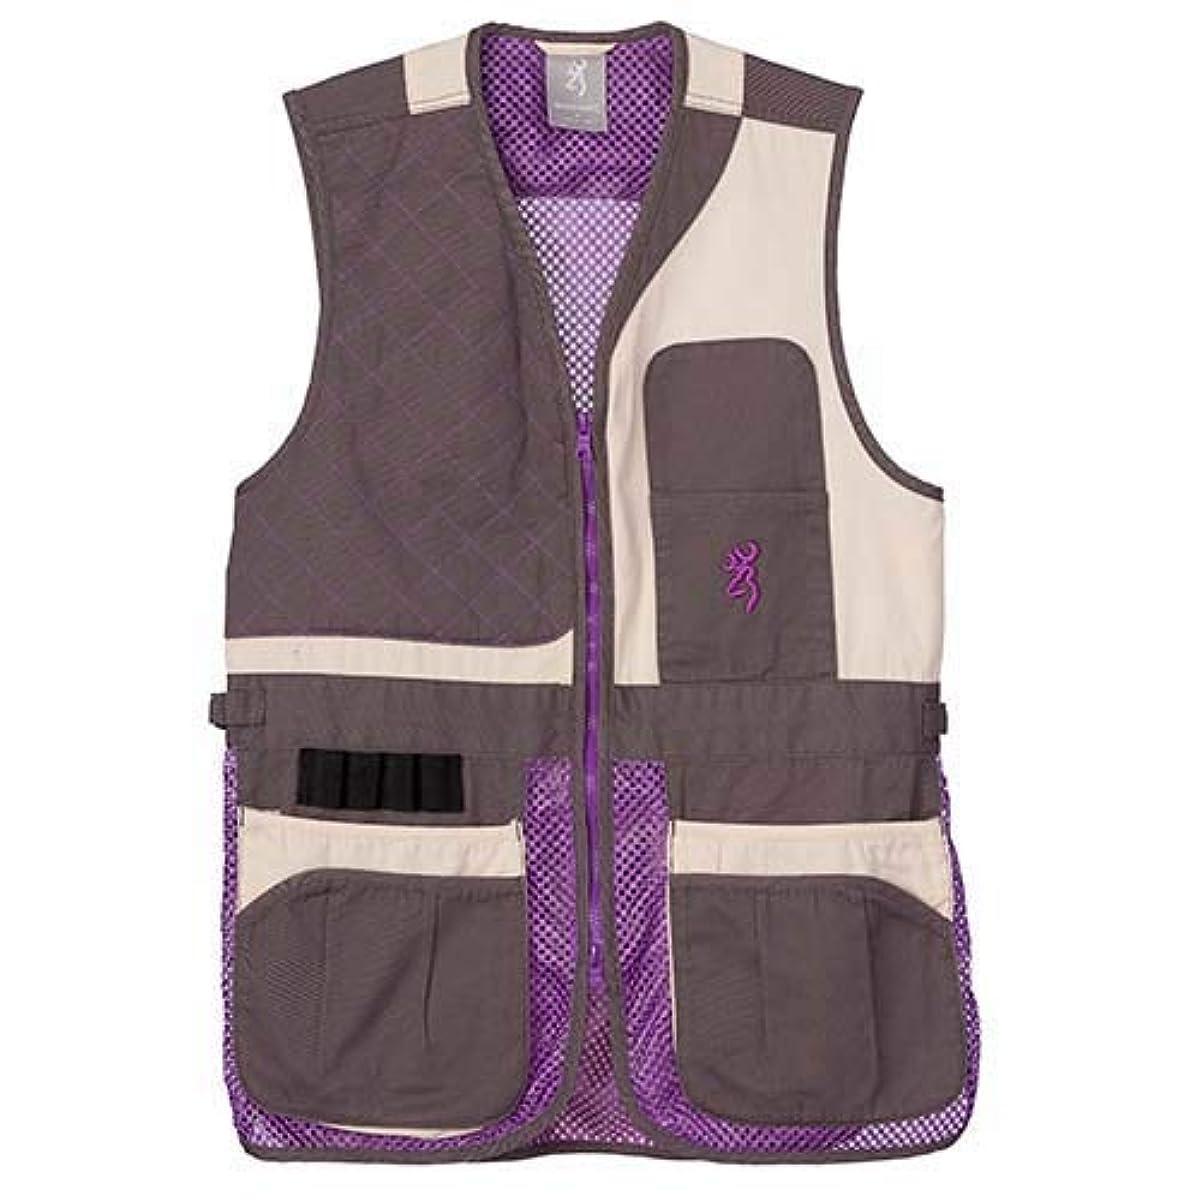 ロール遊具エジプト人BrowningレディースTrapper CreekメッシュShooting vest-cream/Plum/グレー